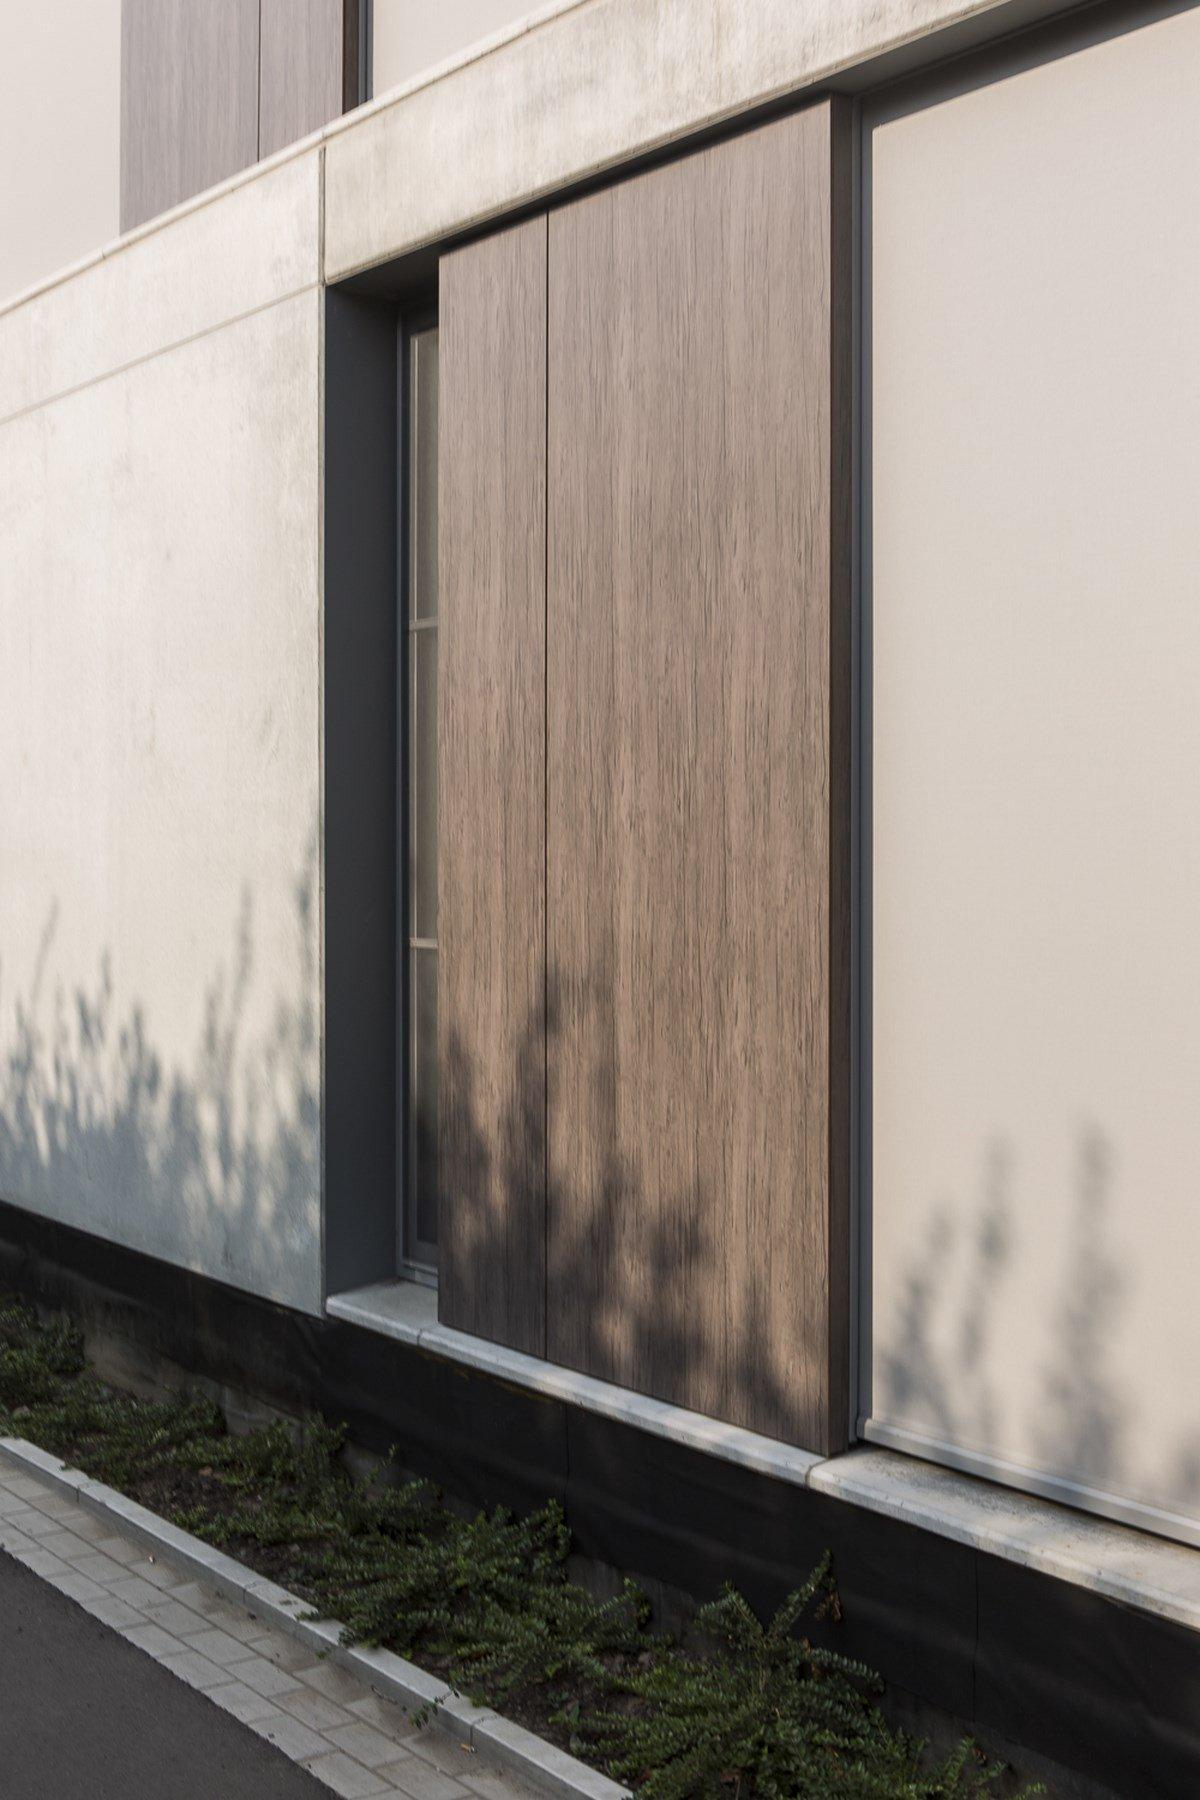 Vereninging_ons_tehuis_Ieper_openbare_aanbesteding_nieuwbouwproject (22).jpg